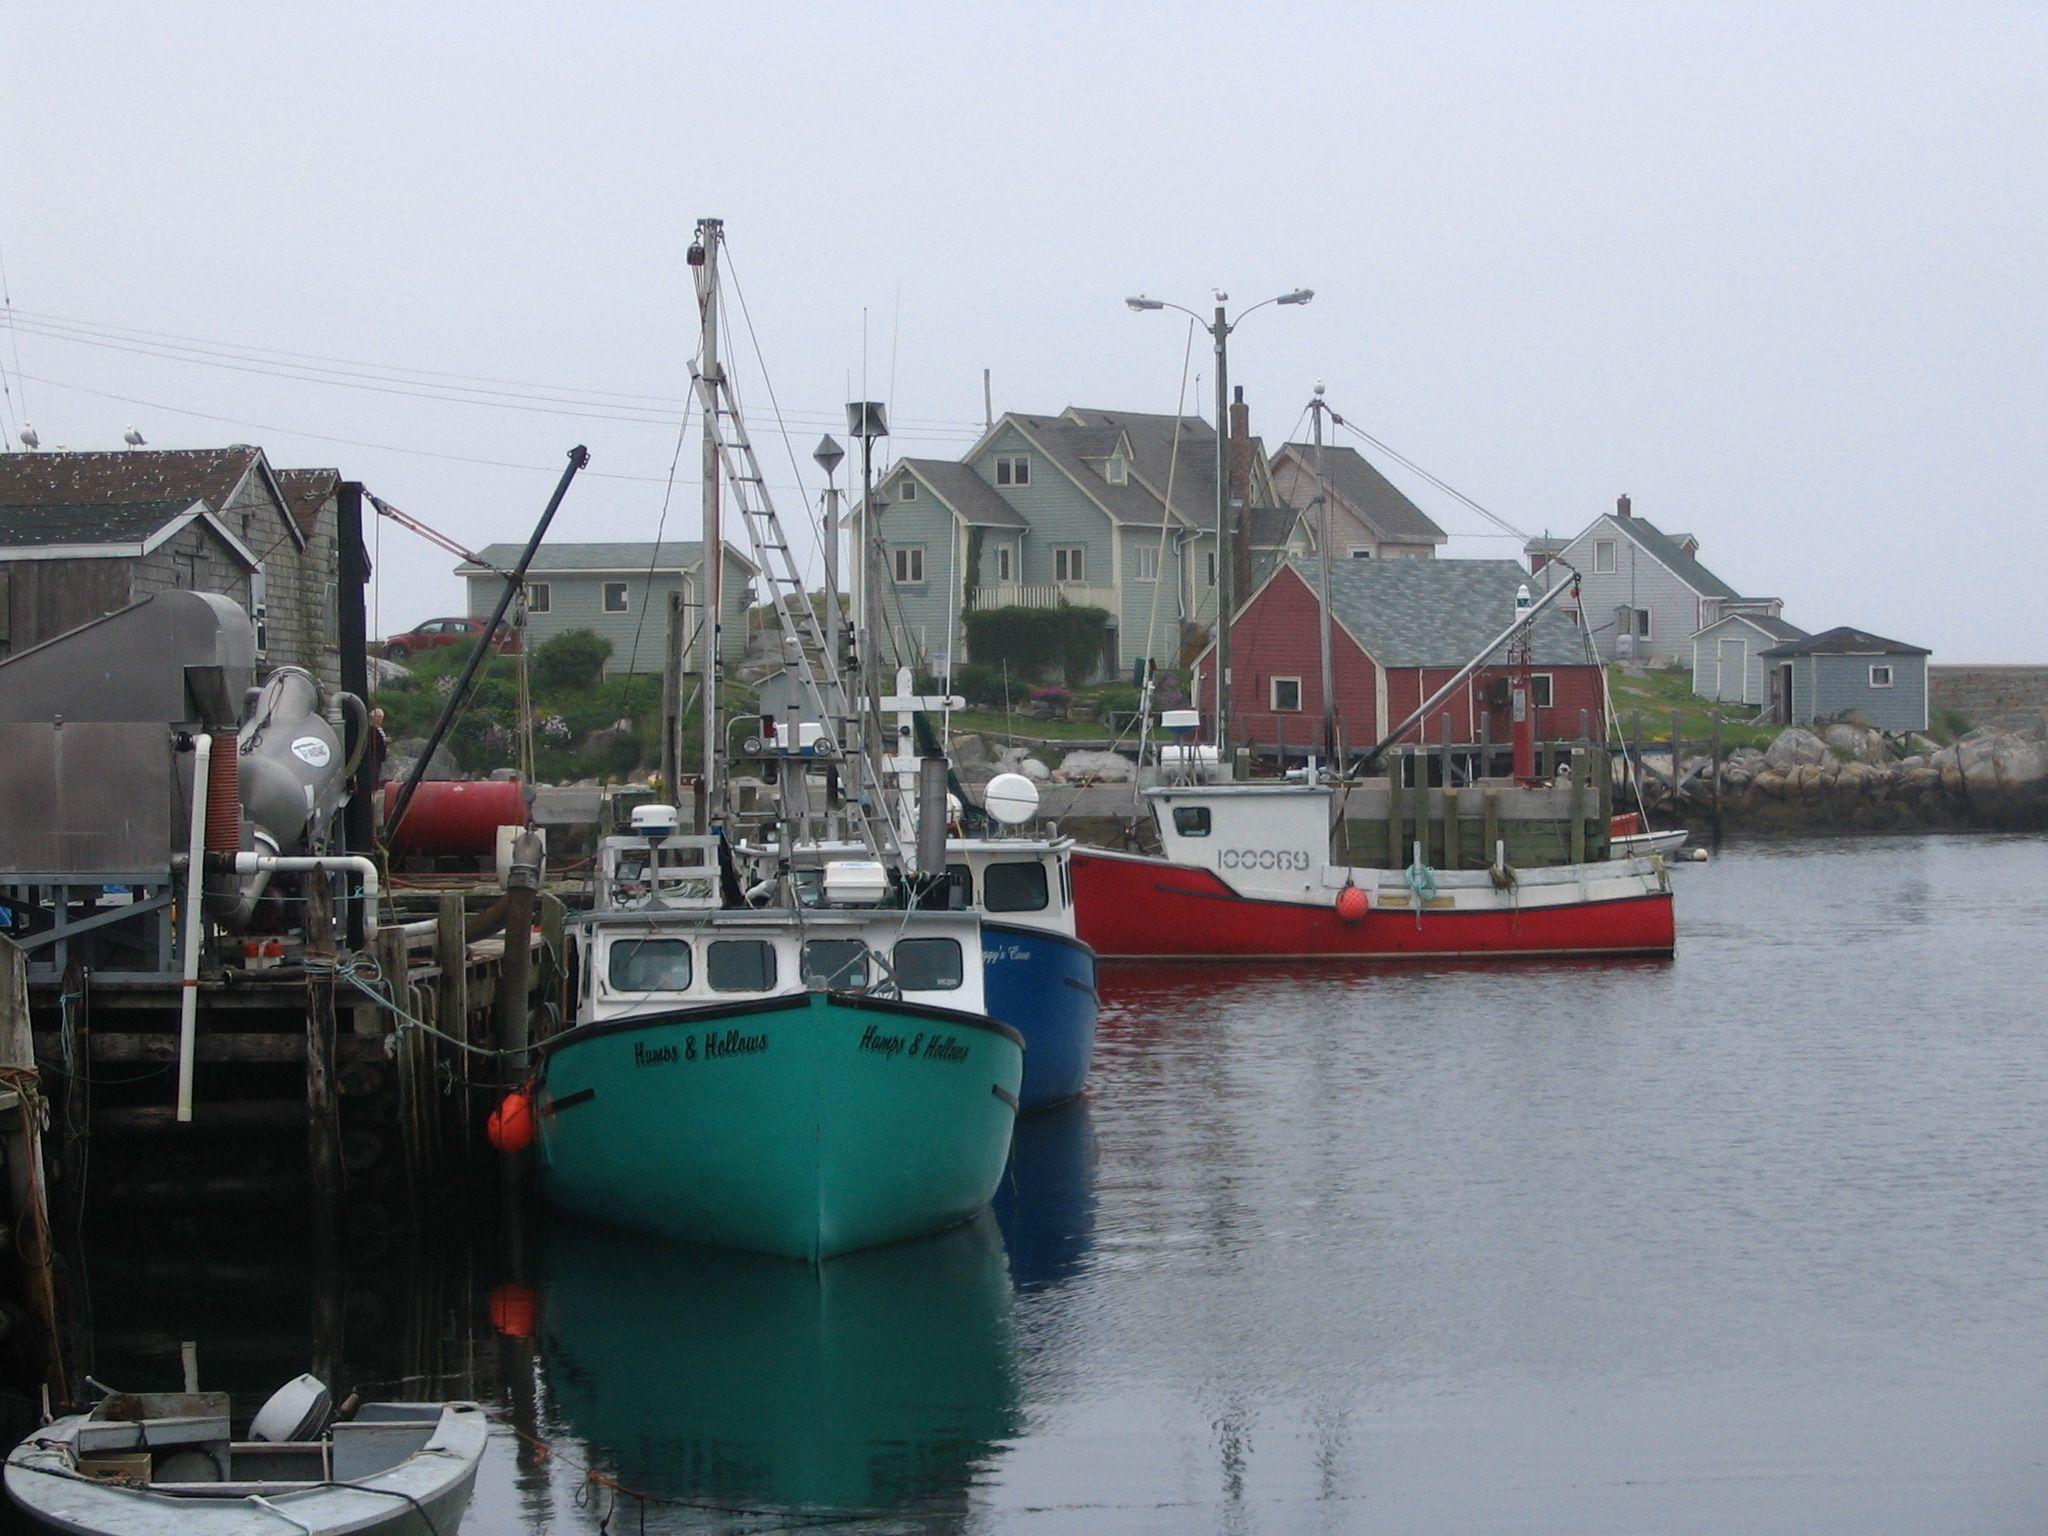 Misty morning fishing harbor, east coast (I think in Nova Scotia).  Photo by. J. Underwood. #coastal